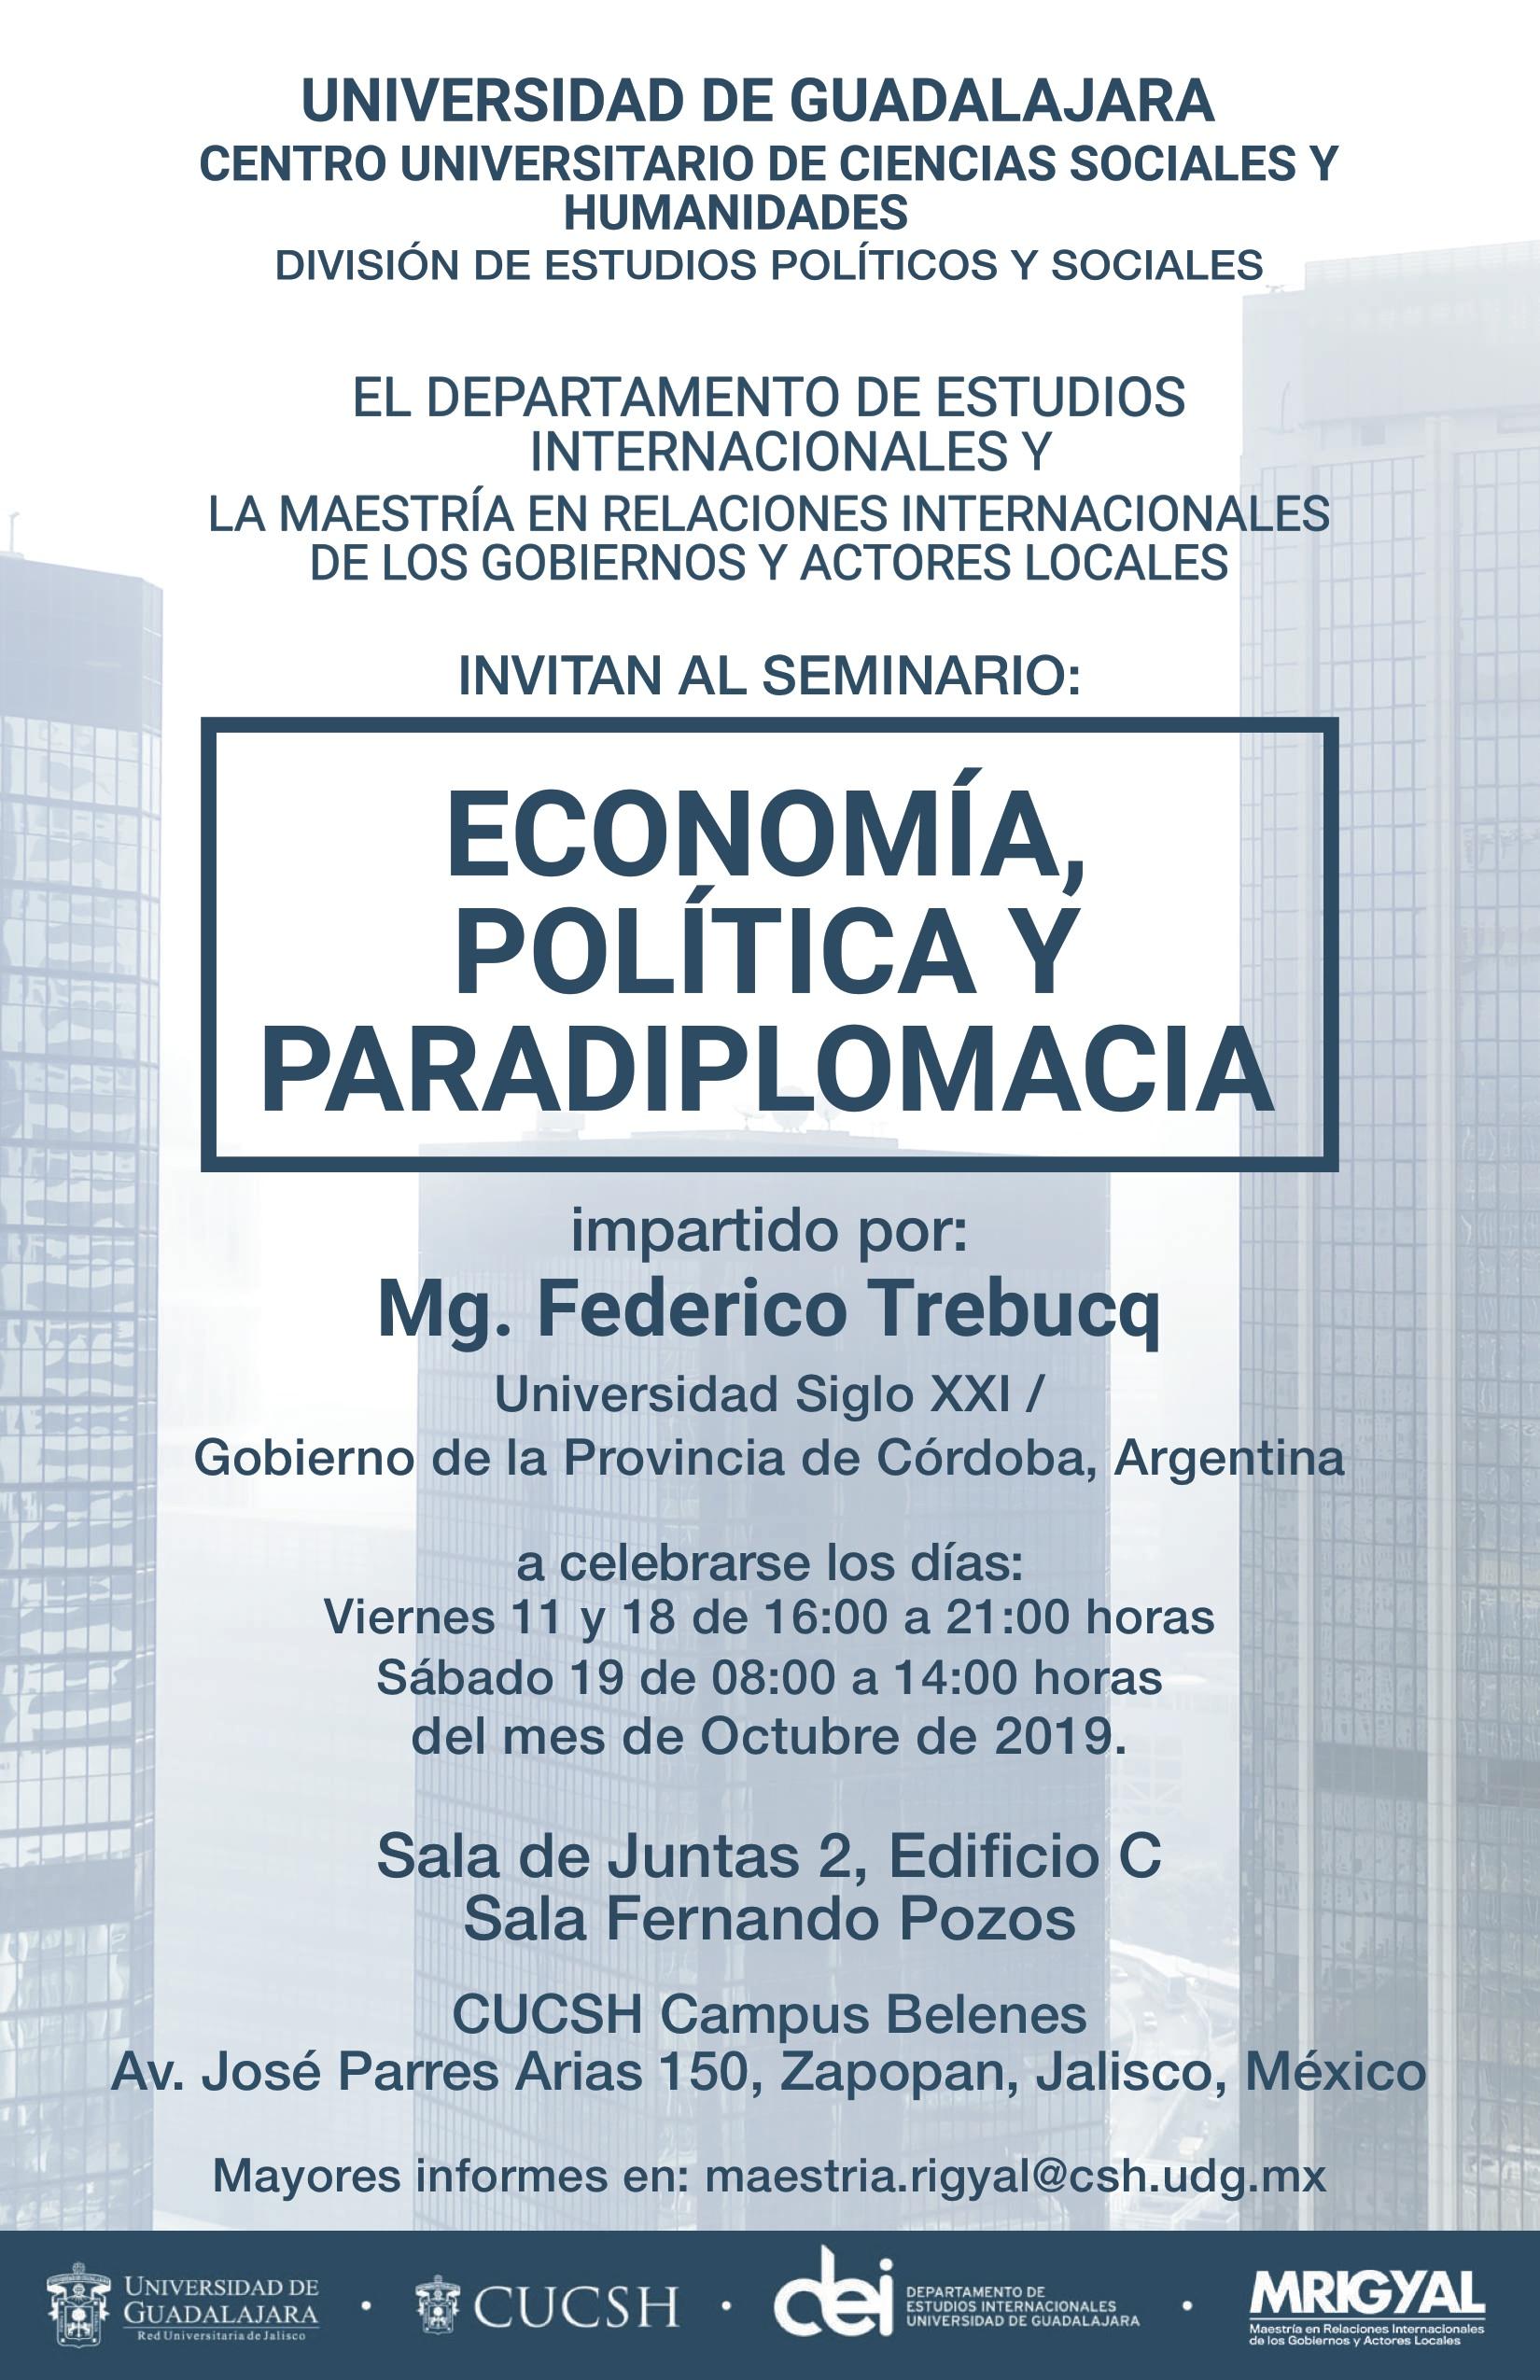 Cartel para anunciar Seminario Economía Política y Paradiplomacia